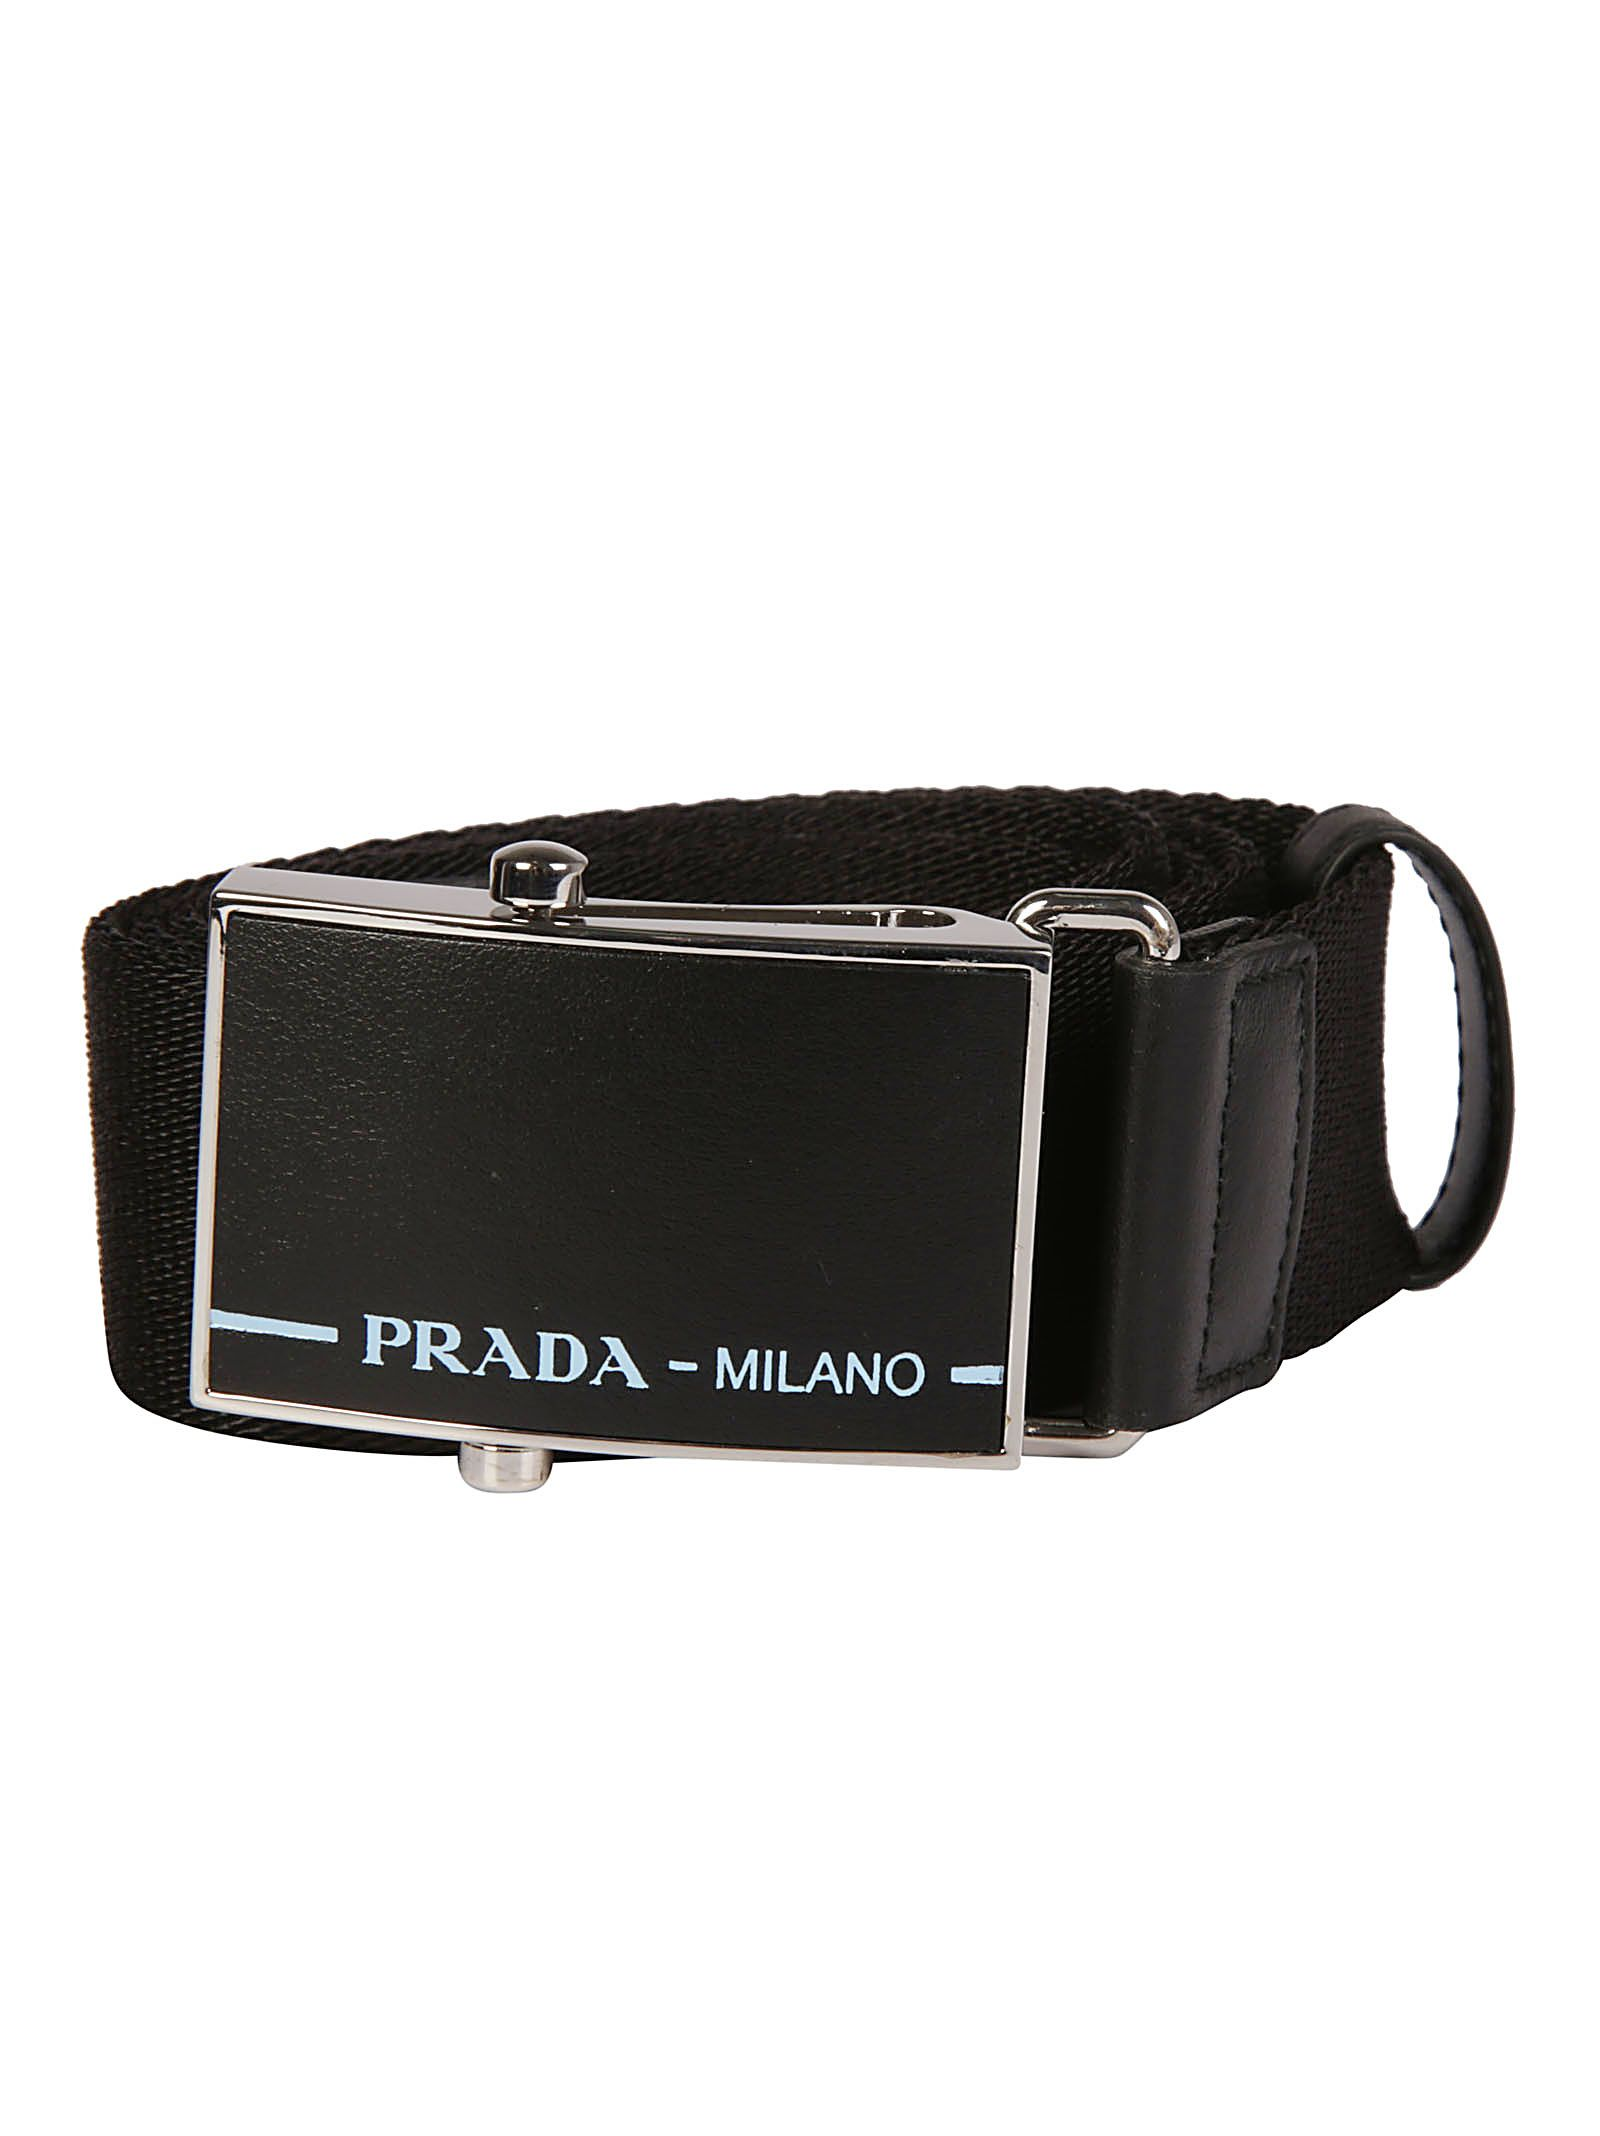 ef36a7fbcd4db Prada Prada Belt - Black - 10785613